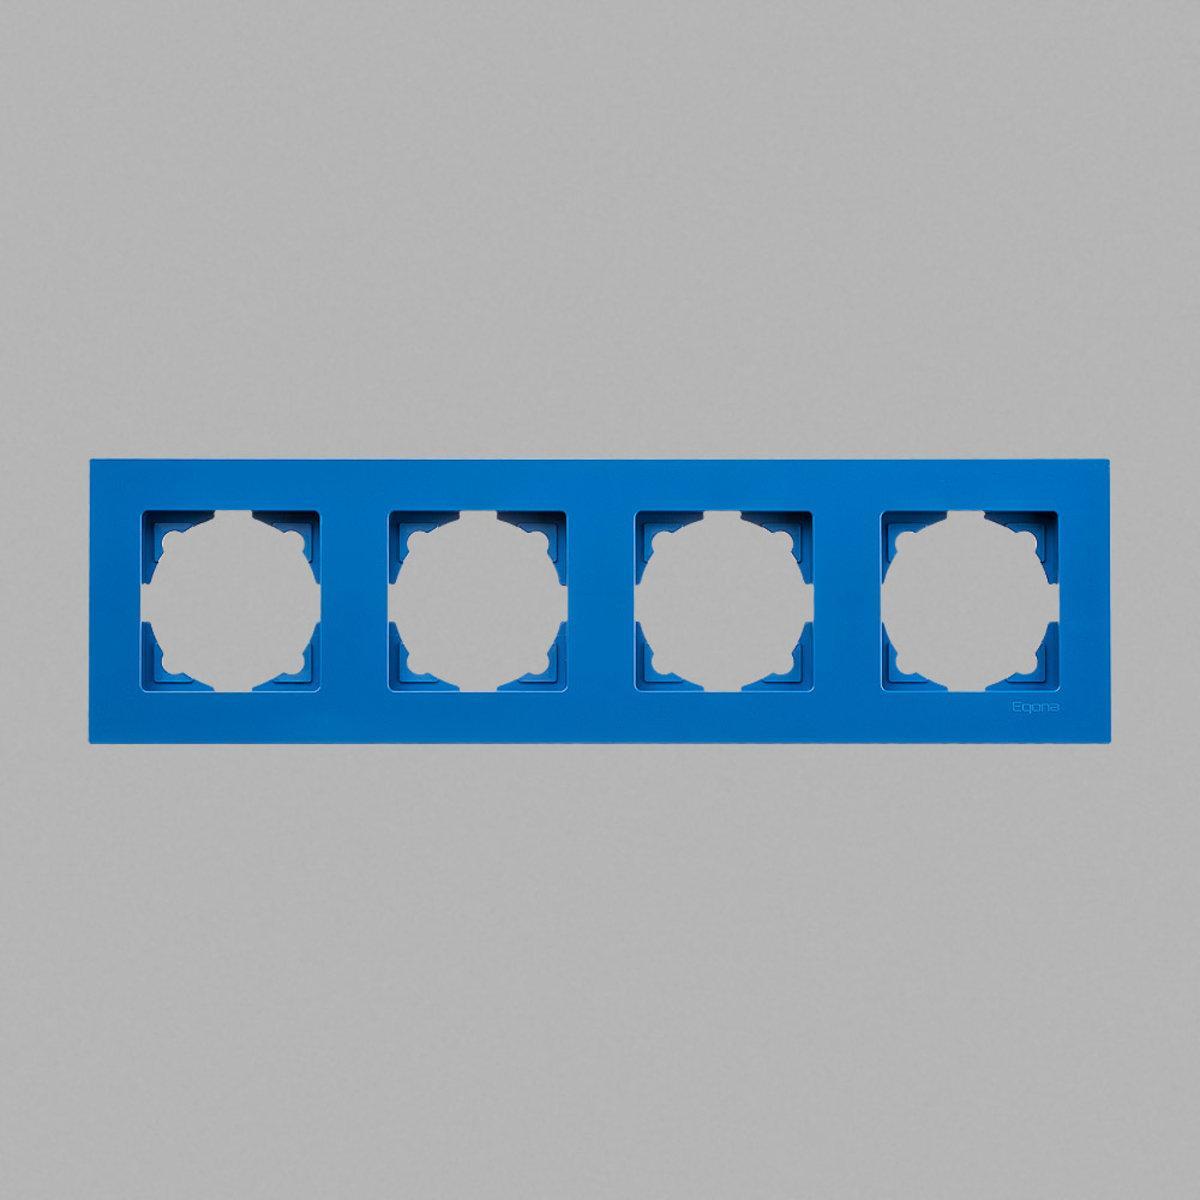 Eqona рамка 4-ая голубая